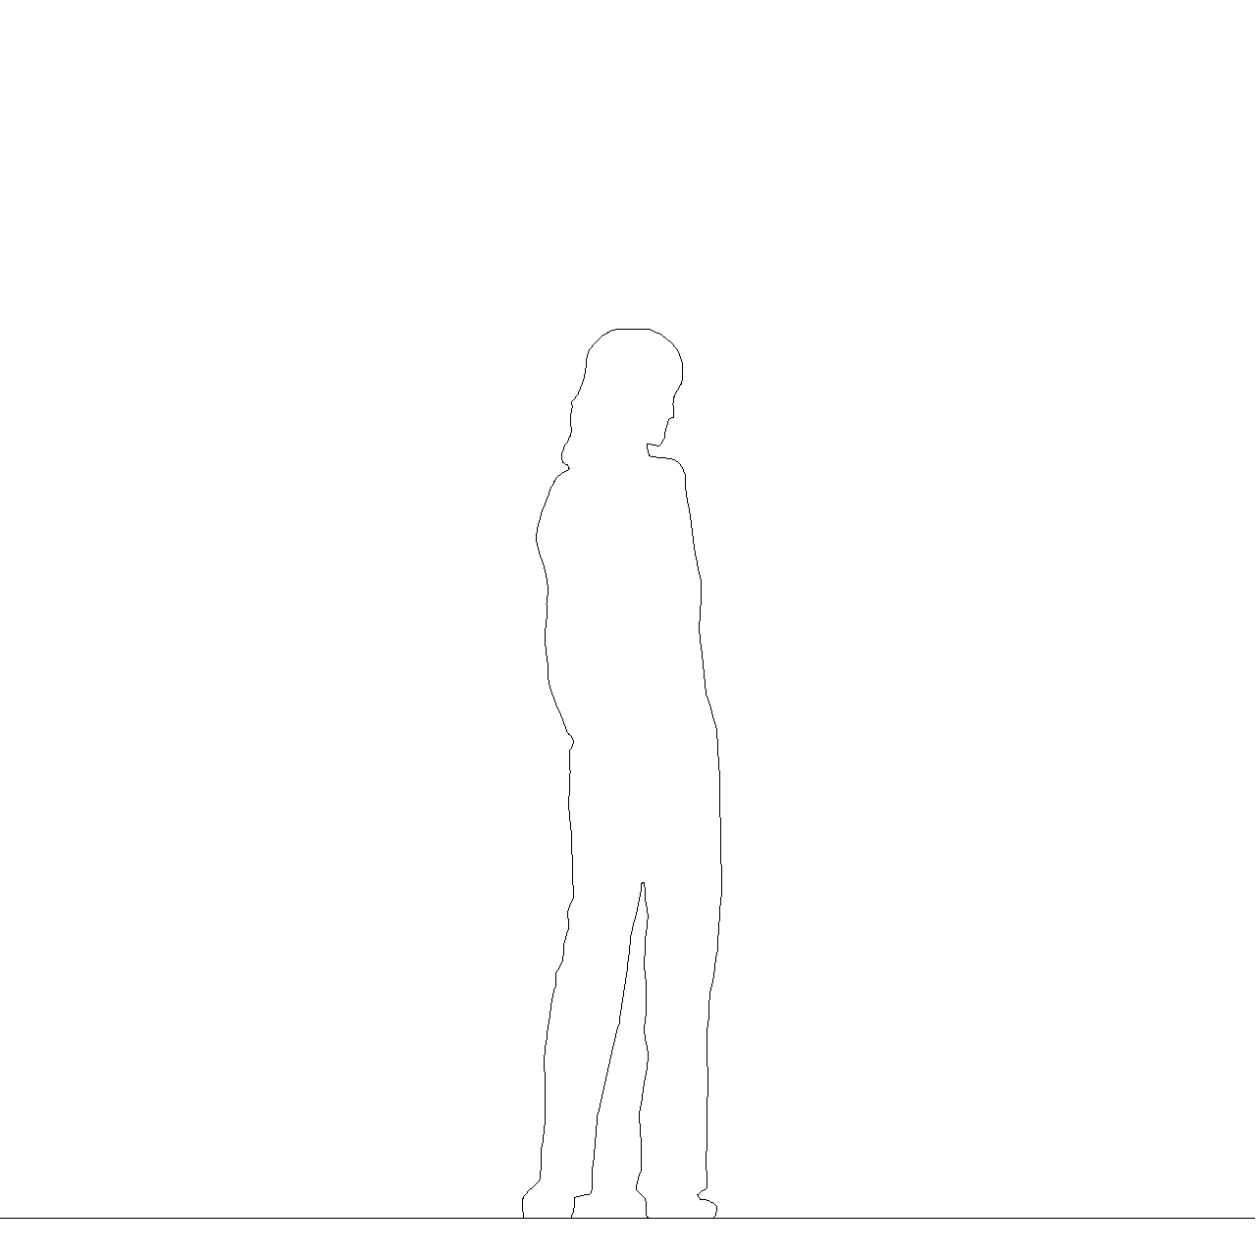 ストレートパンツを穿いた女性の2DCAD部品丨シルエット 人間 女性丨無料 商用可能 フリー素材 フリーデータ AUTOCAD DWG DXF